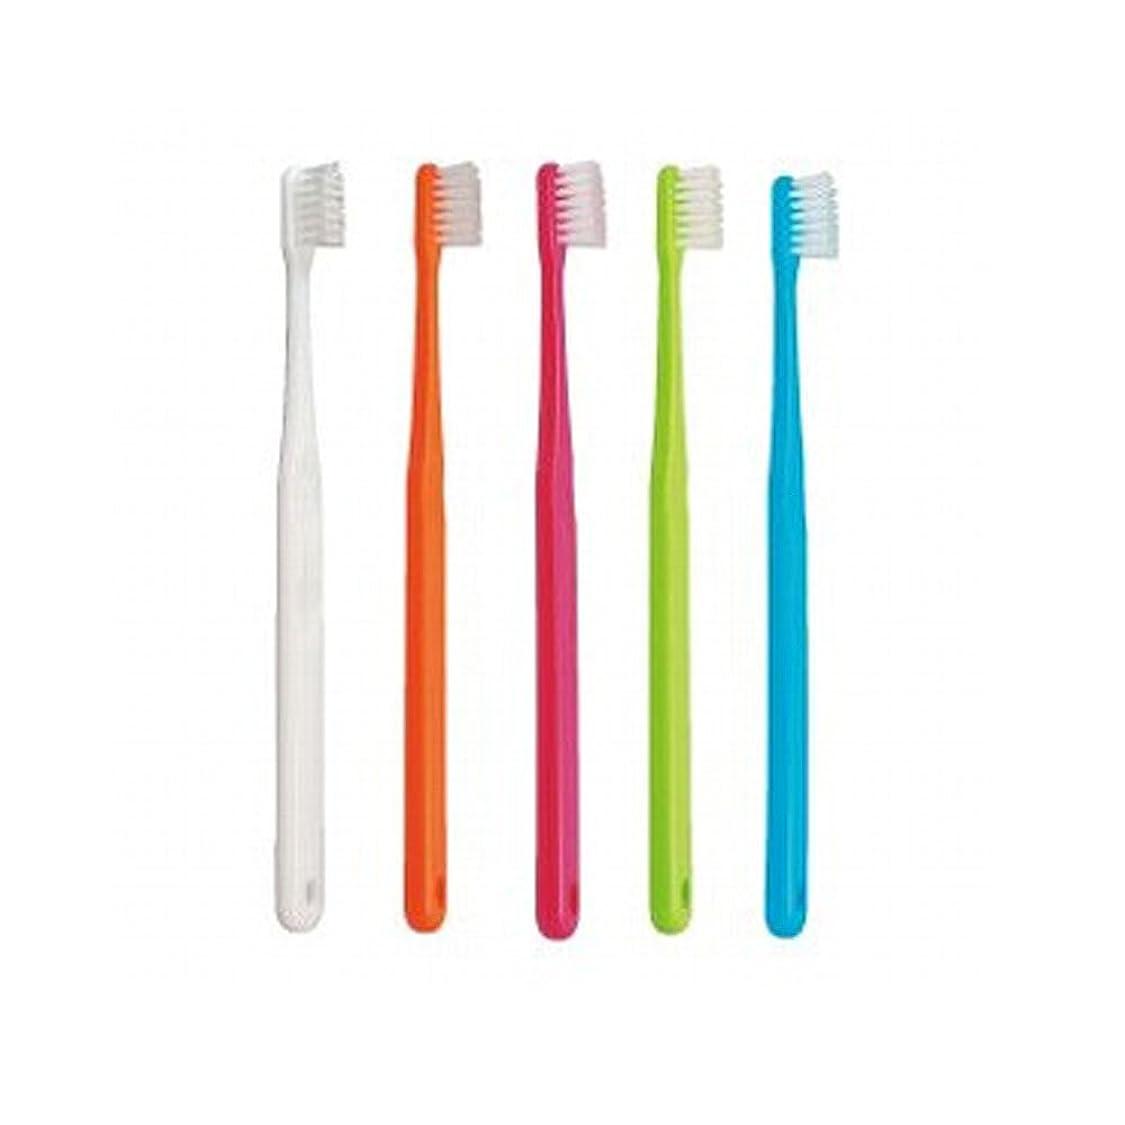 安息私たちのトライアスロン【Ci/シーアイ】【歯科用】Ci701 25本【歯ブラシ】【ややかため】【極薄ヘッド】ハンドルカラー5色選択不可